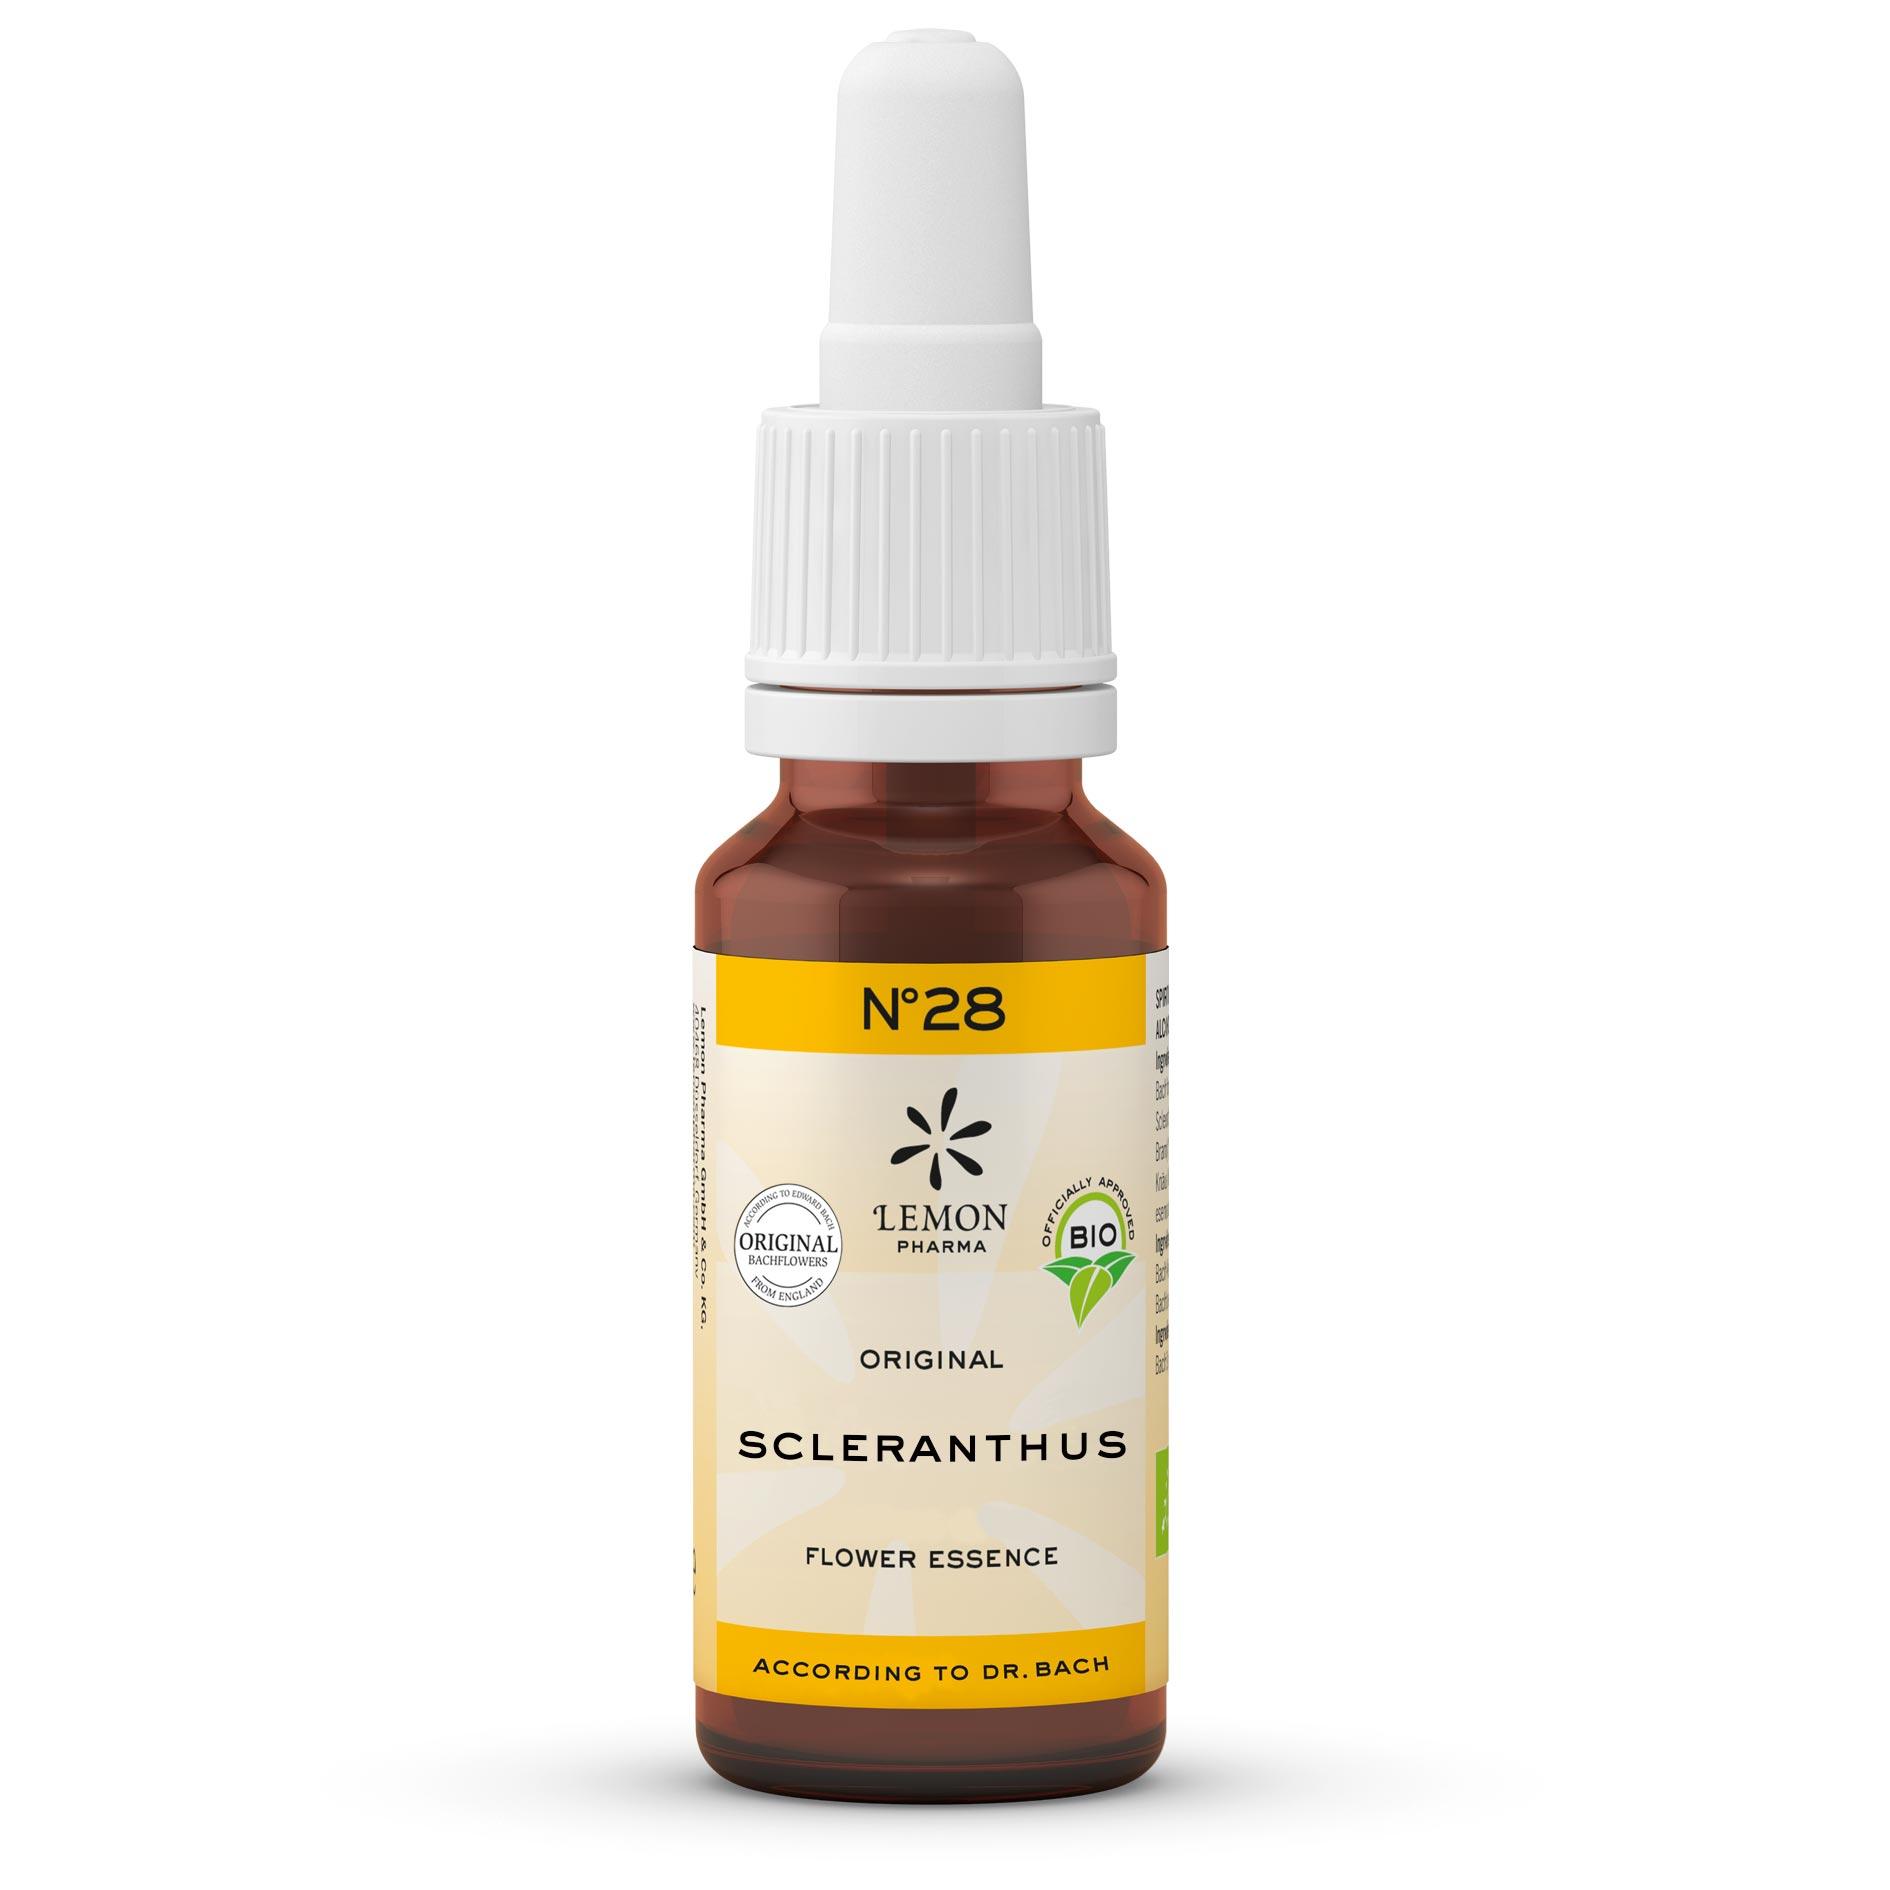 Lemon Pharma Original Bachblüten Tropfen Nr 28 Scleranthus Einjähriger Knäuel Innere Balance